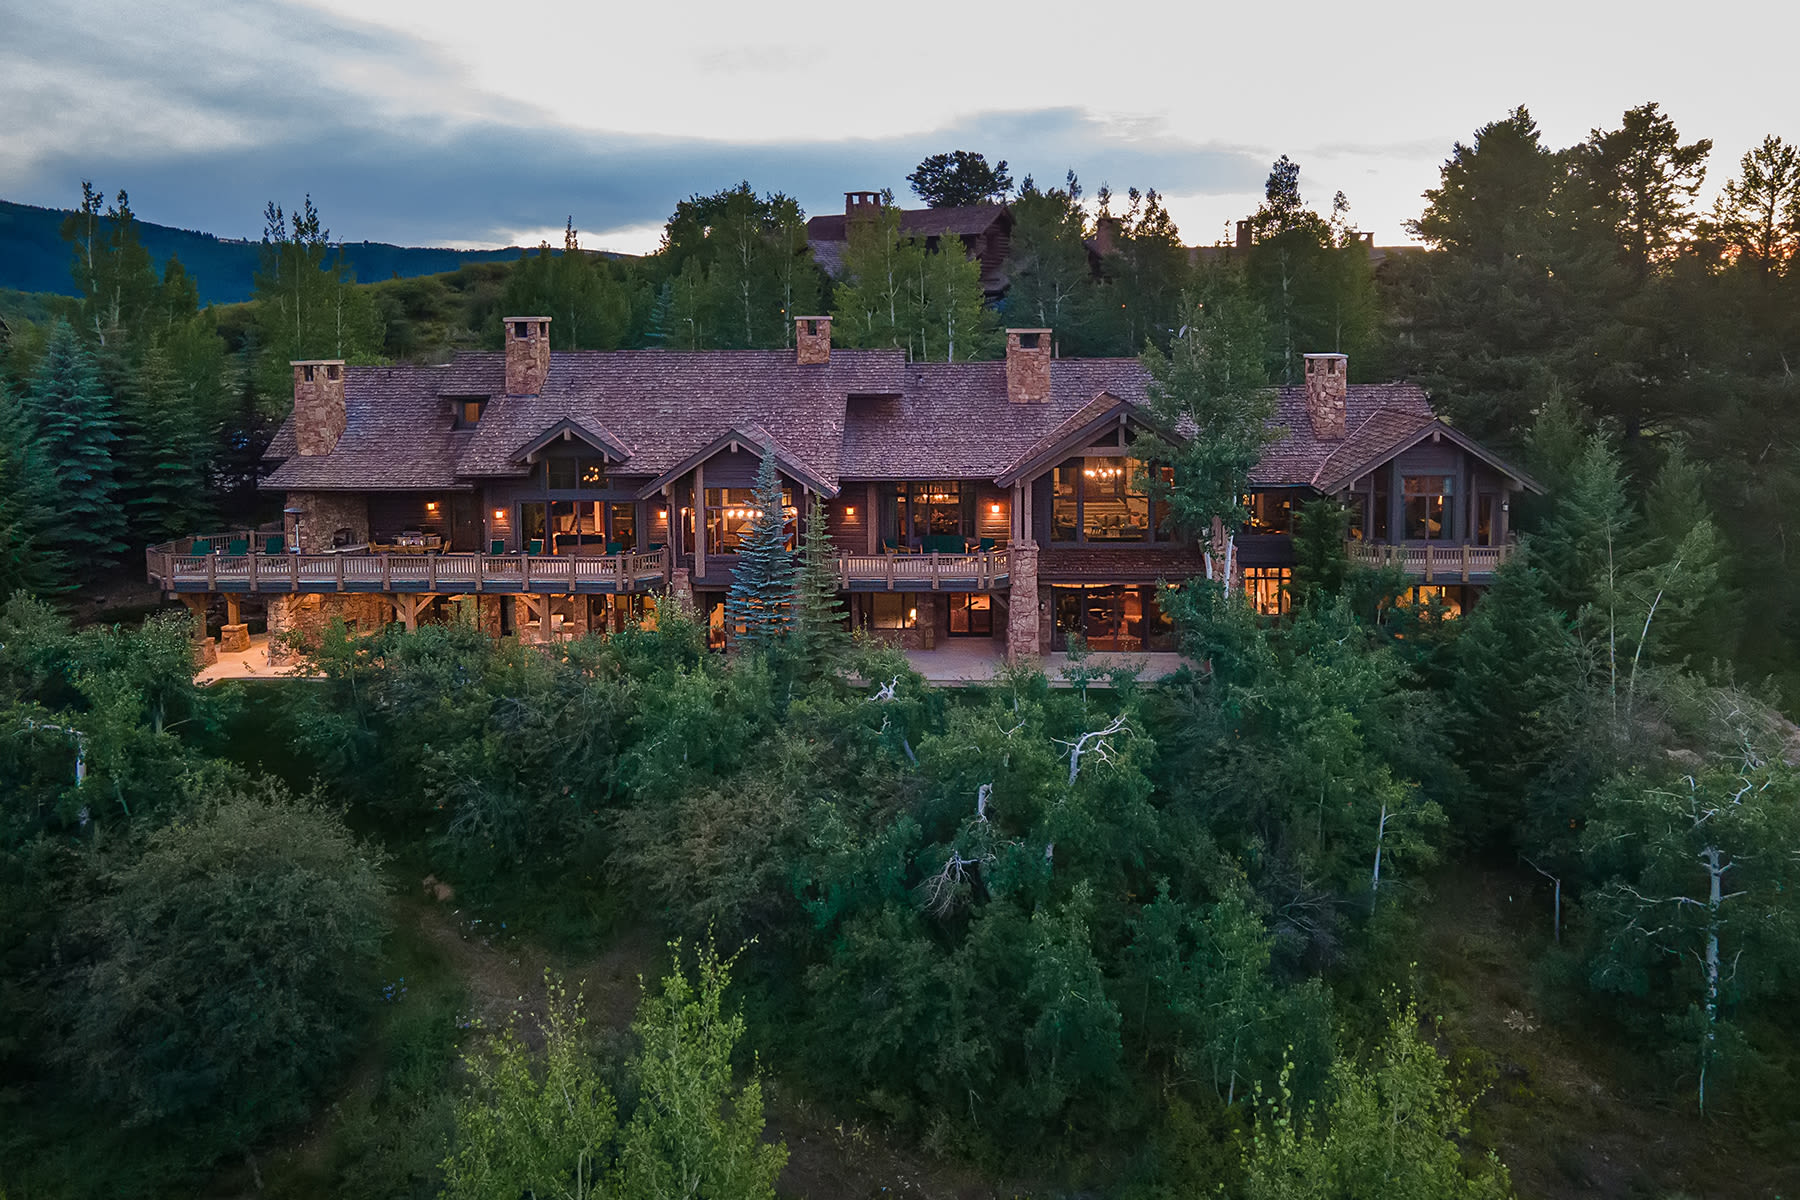 168 Peak View, Bachelor Gulch, Colorado 81620 video preview